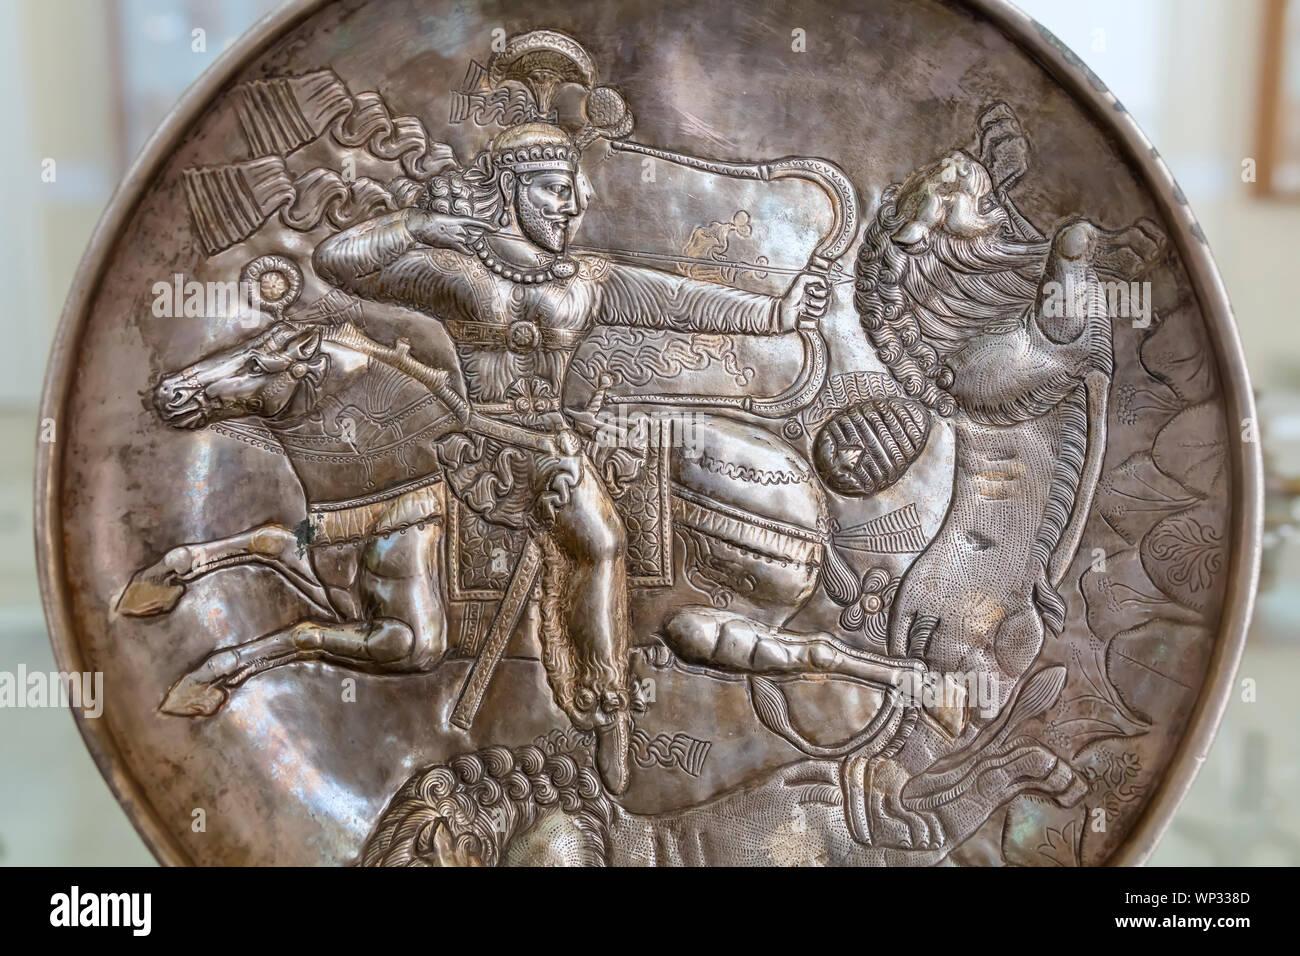 Sasanian Silver Plate Mazandaran Museum Of Ancient Iran National Museum Of Iran Tehran Iran Stock Photo Alamy